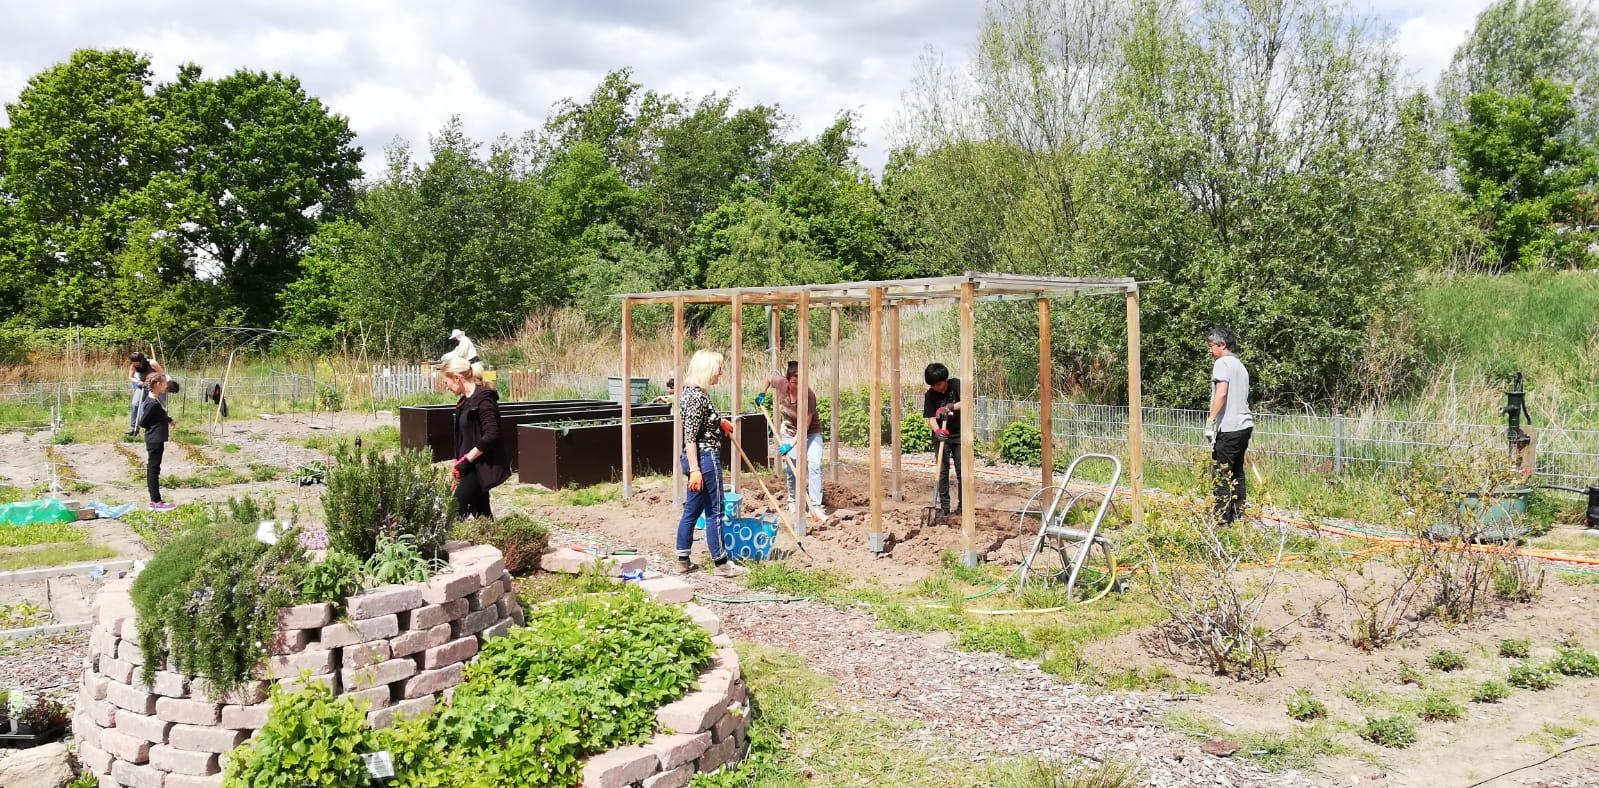 Gartenprojekt sucht Mitstreiter